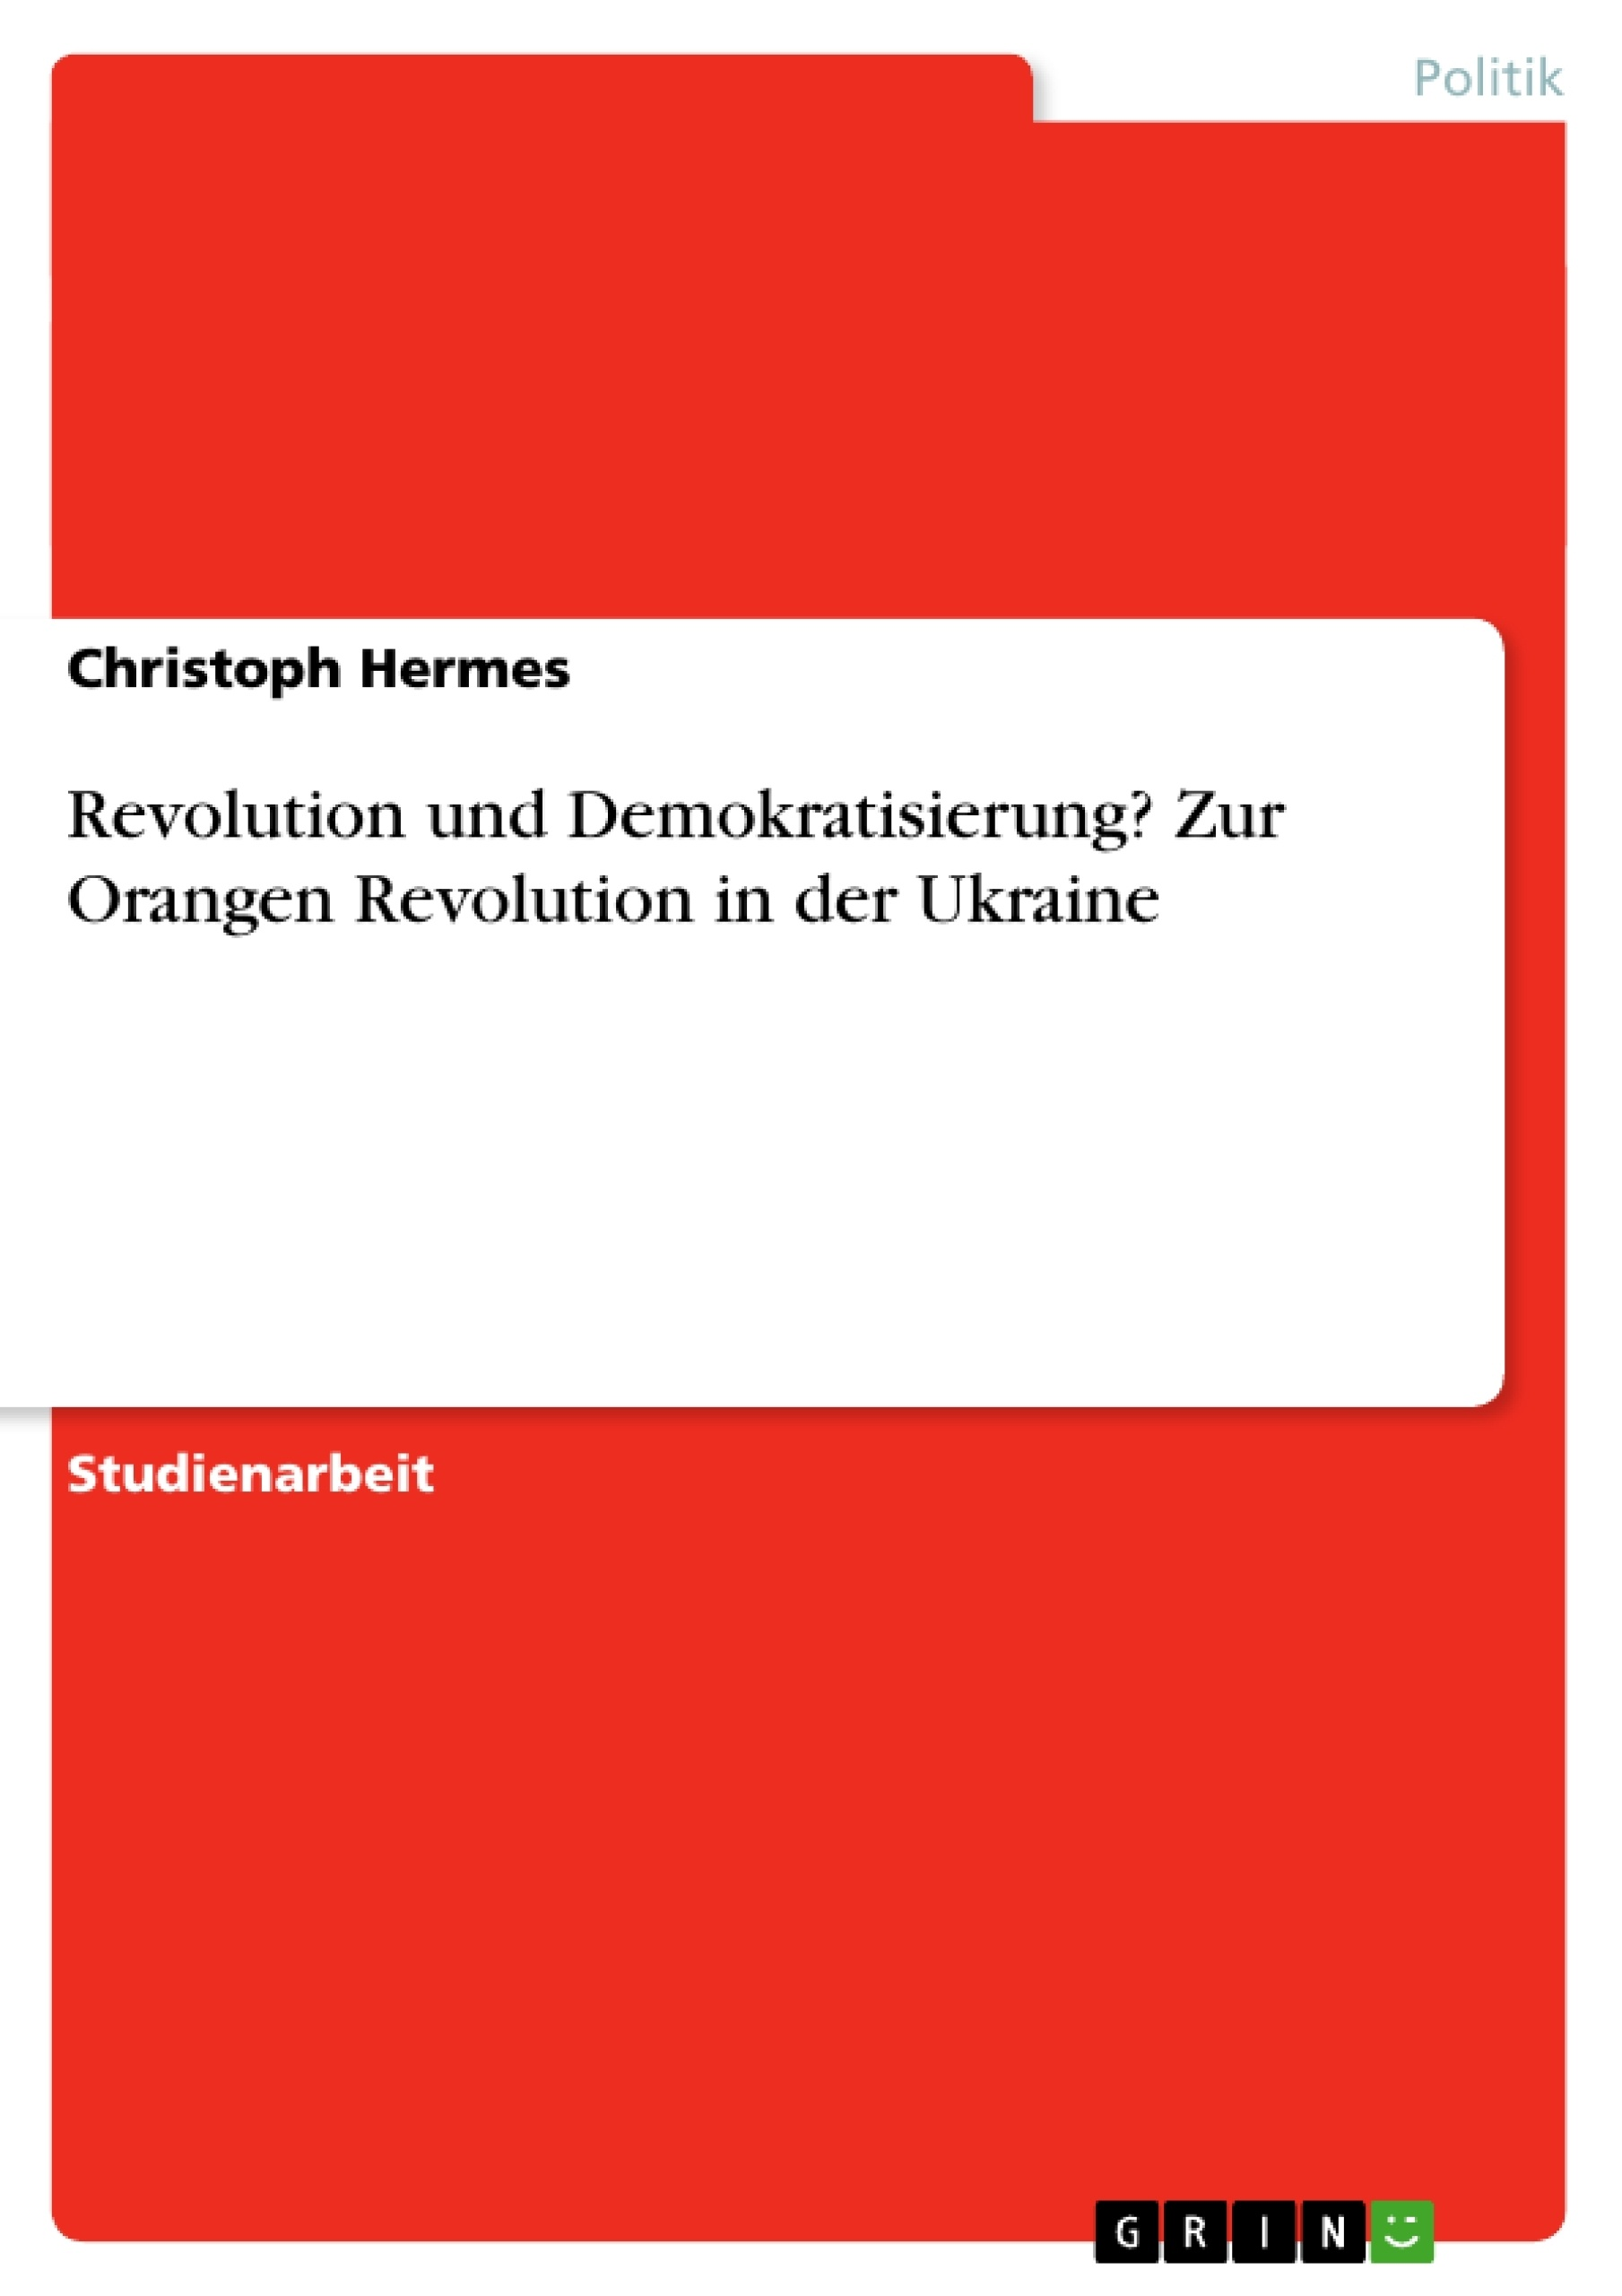 Titel: Revolution und Demokratisierung? Zur Orangen Revolution in der Ukraine